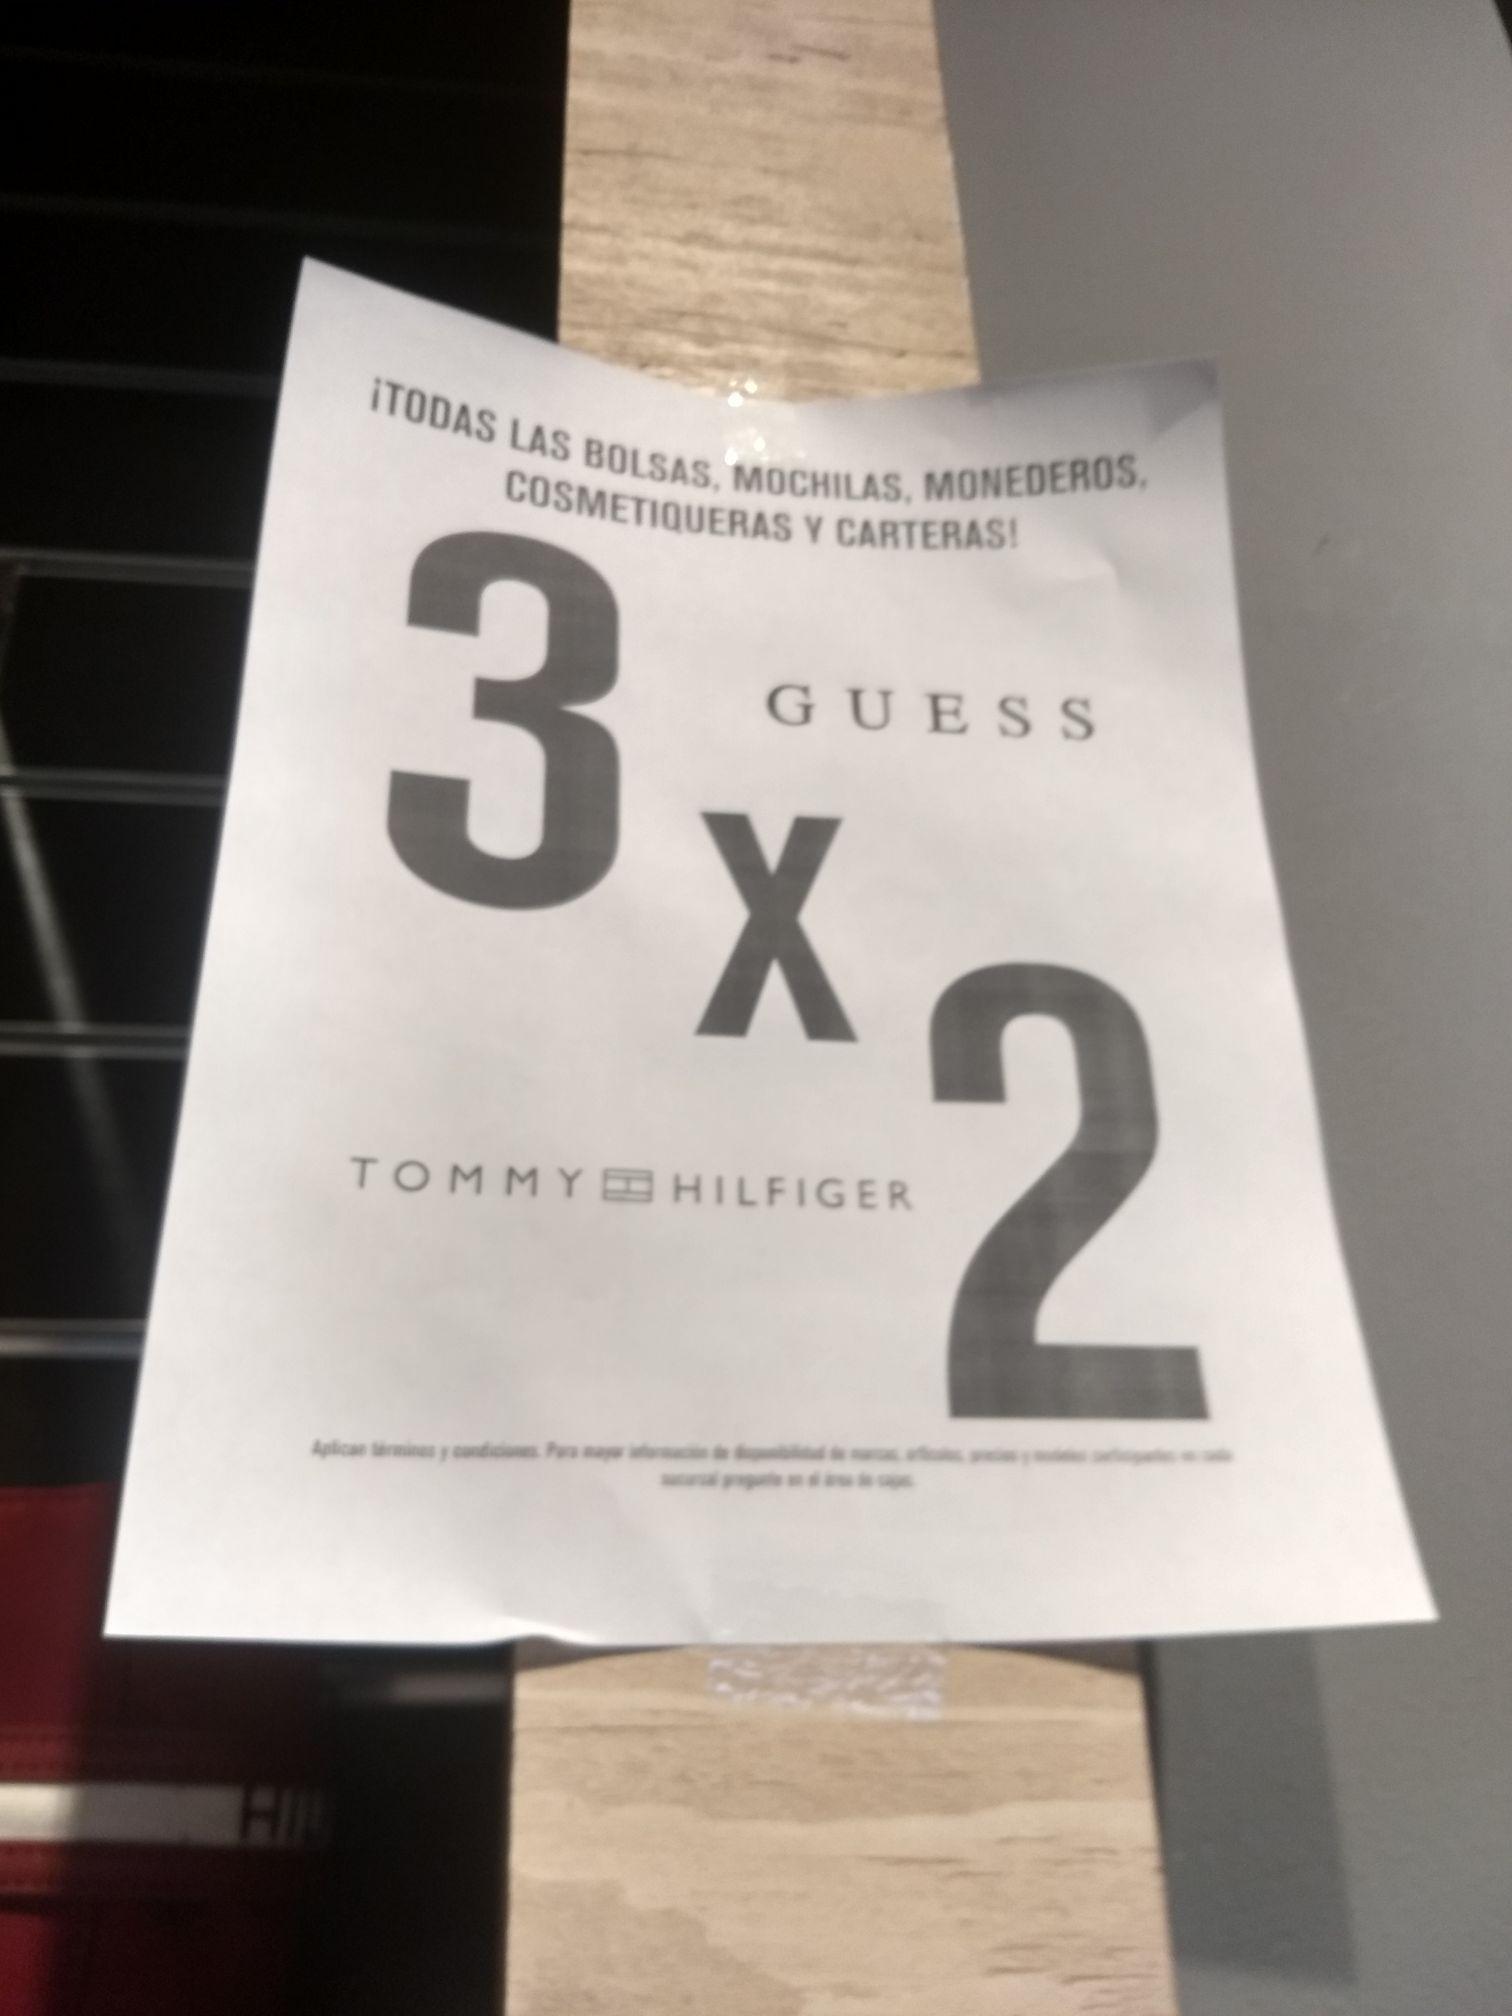 Promoda: Bolsas, carteras y mochilas de Tommy y Guess al 3x2